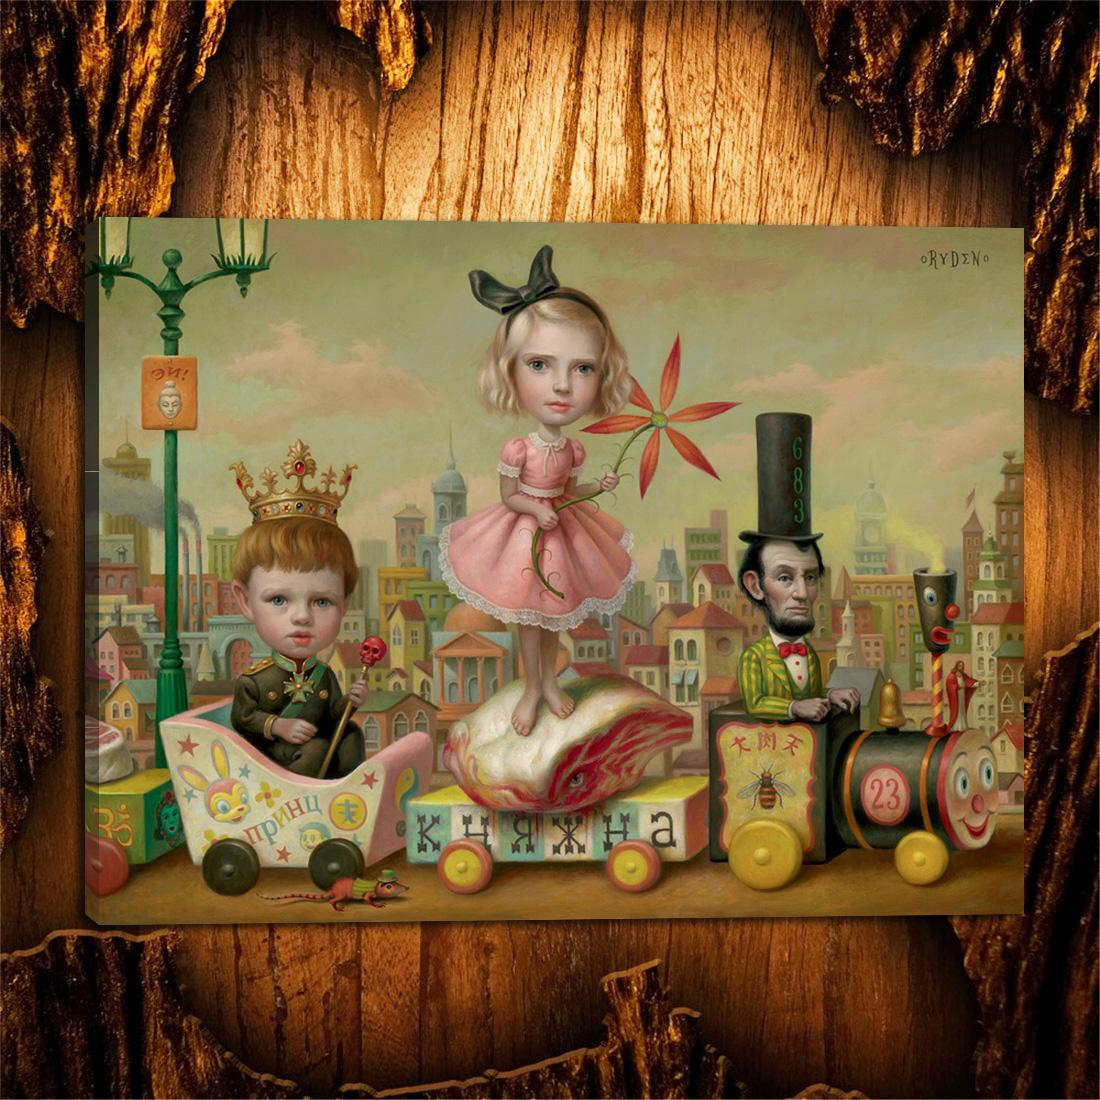 Mark Ryden, Pop Sürrealizm-11,1 Parça Tuval Baskılar Duvar Sanatı Yağlıboya Ev Dekor (Çerçevesiz / Çerçeveli) 24X32